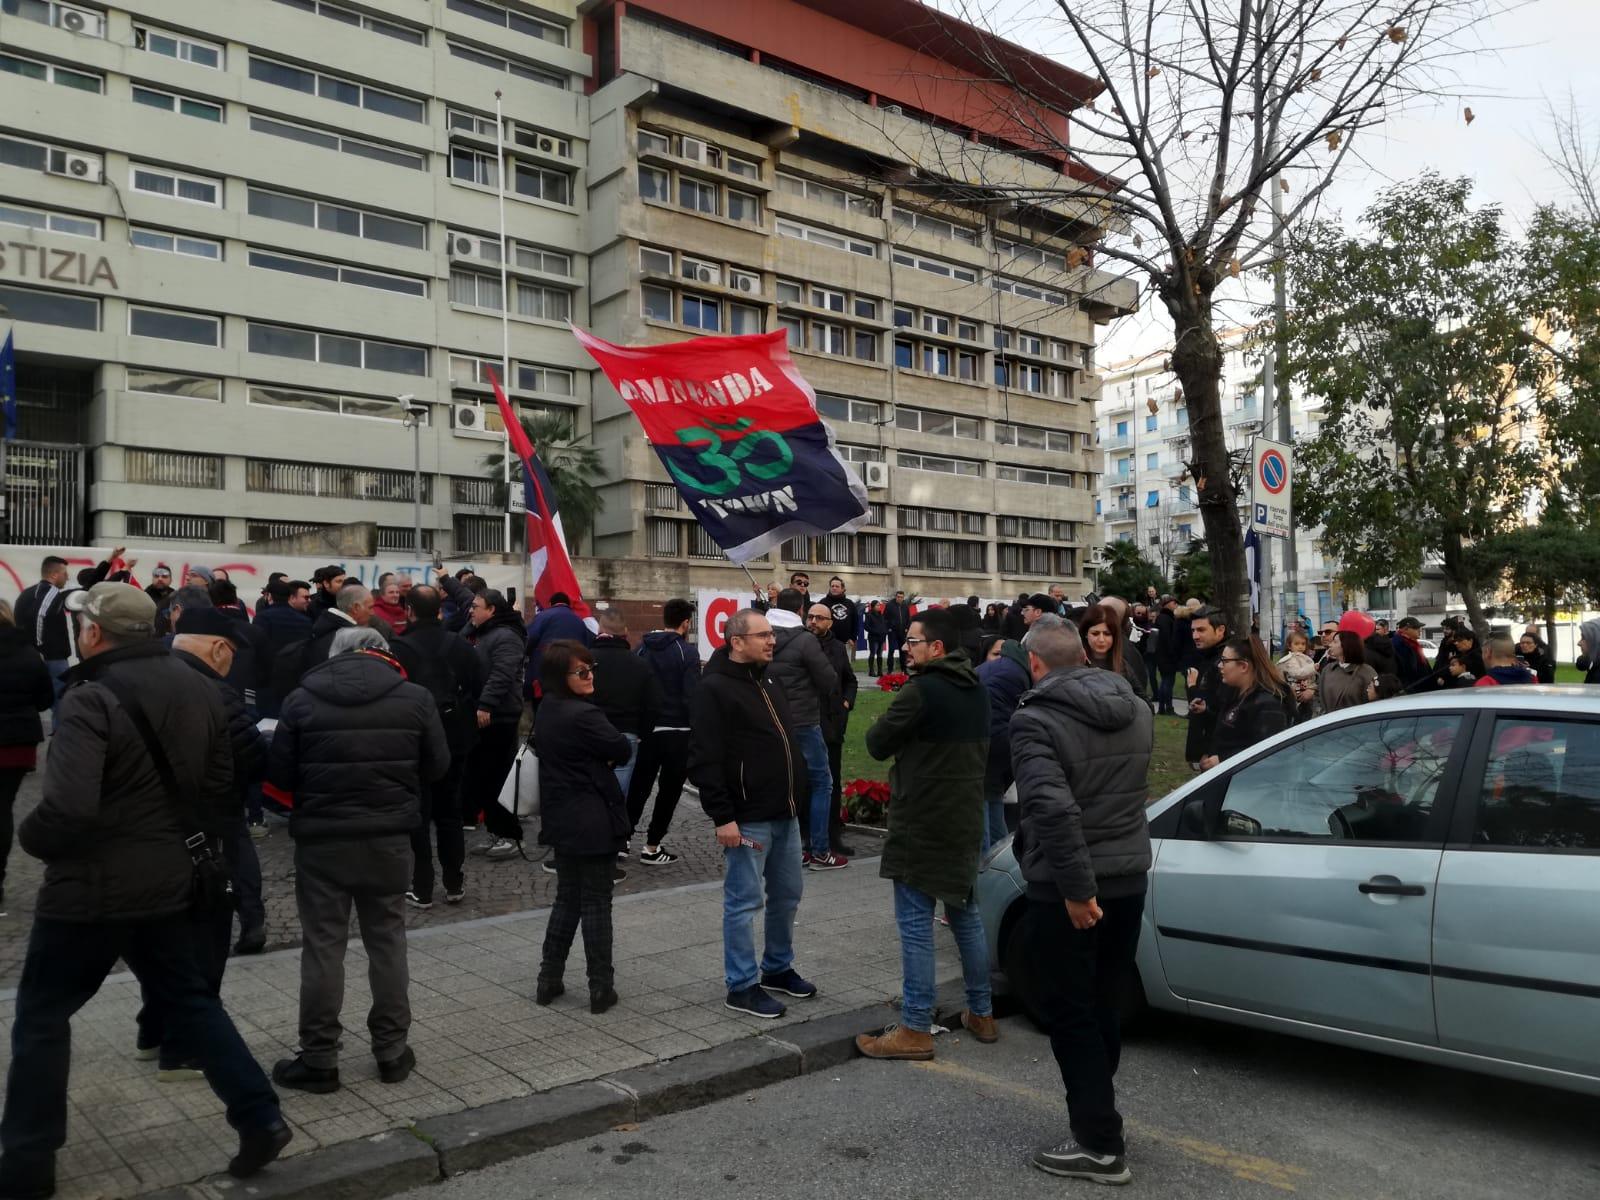 Inchiesta sulla morte di Denis Bergamini, le foto della manifestazione